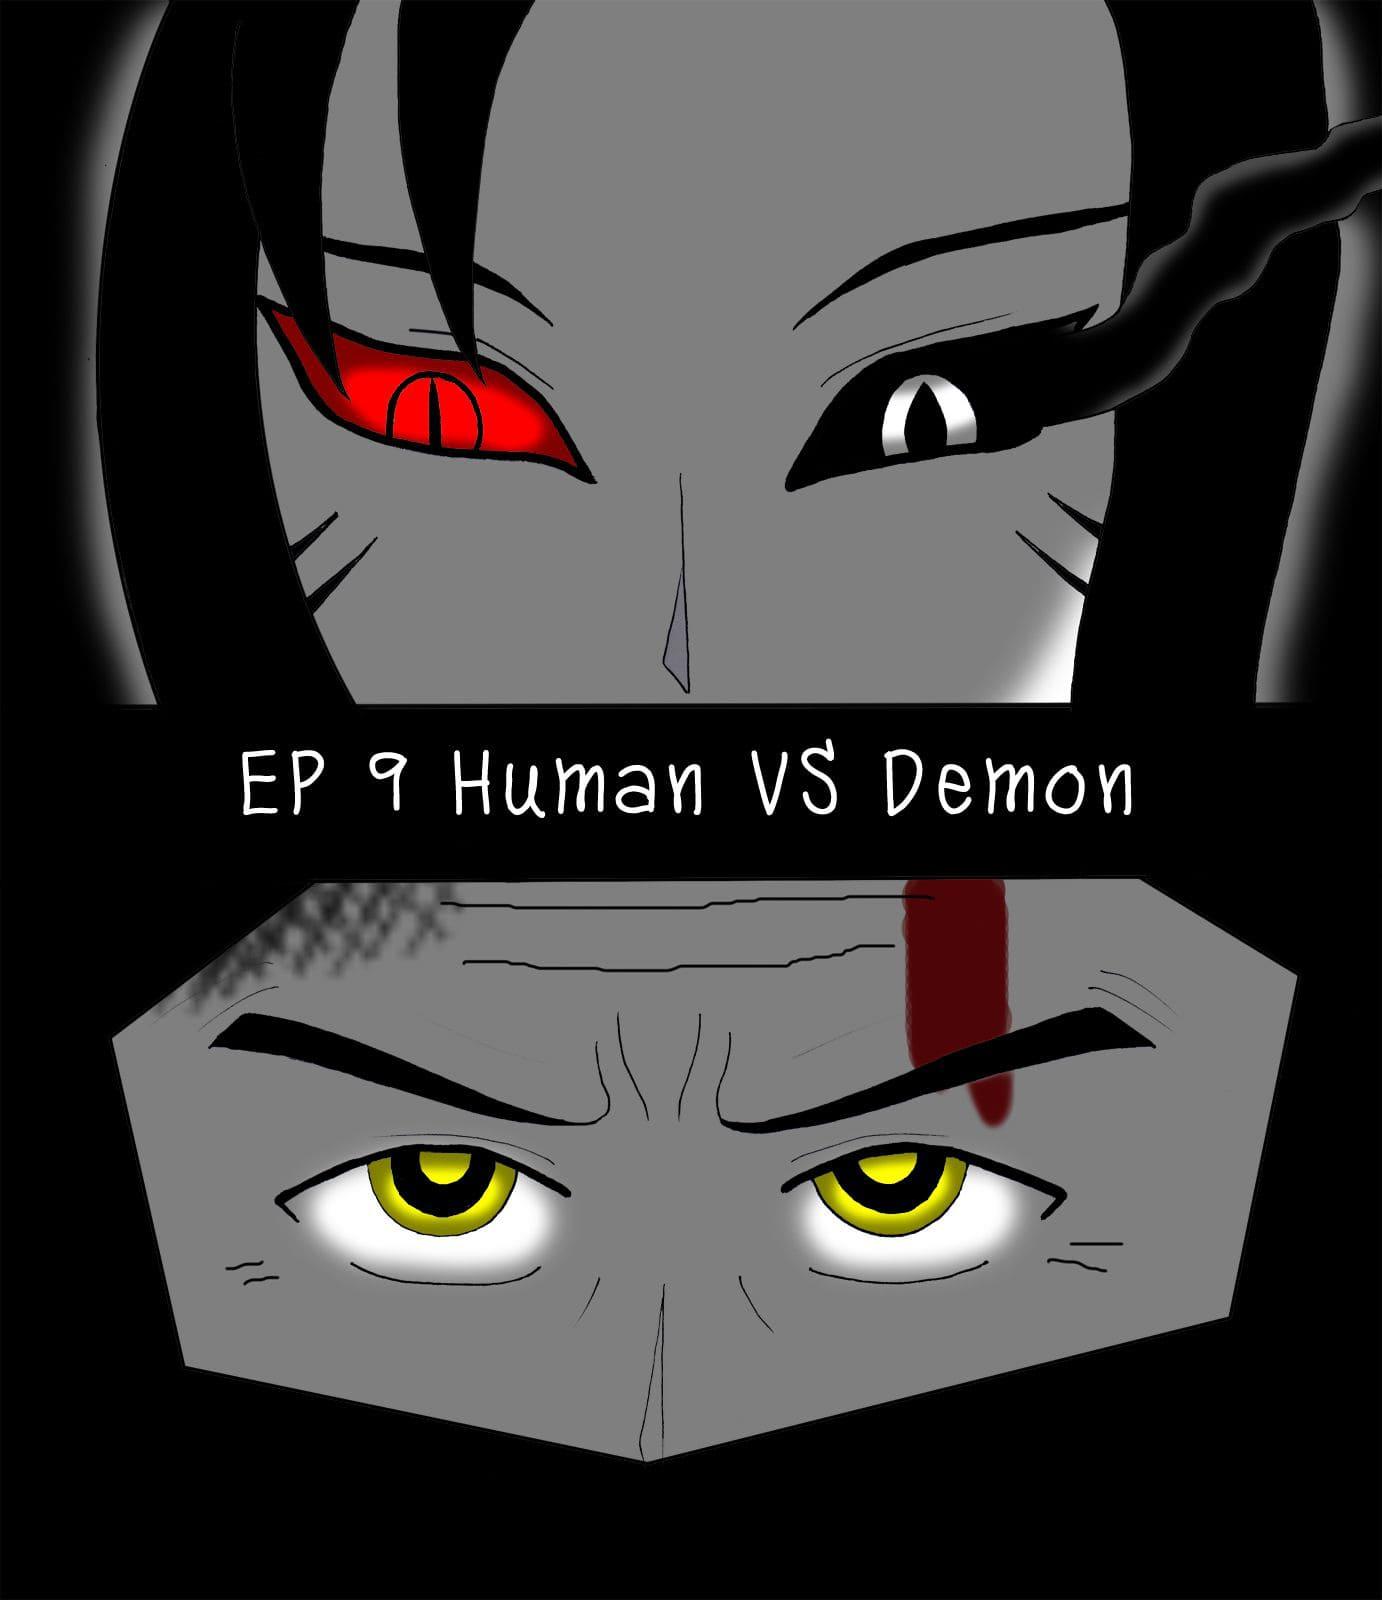 บทที่  9 - Human VS Demon